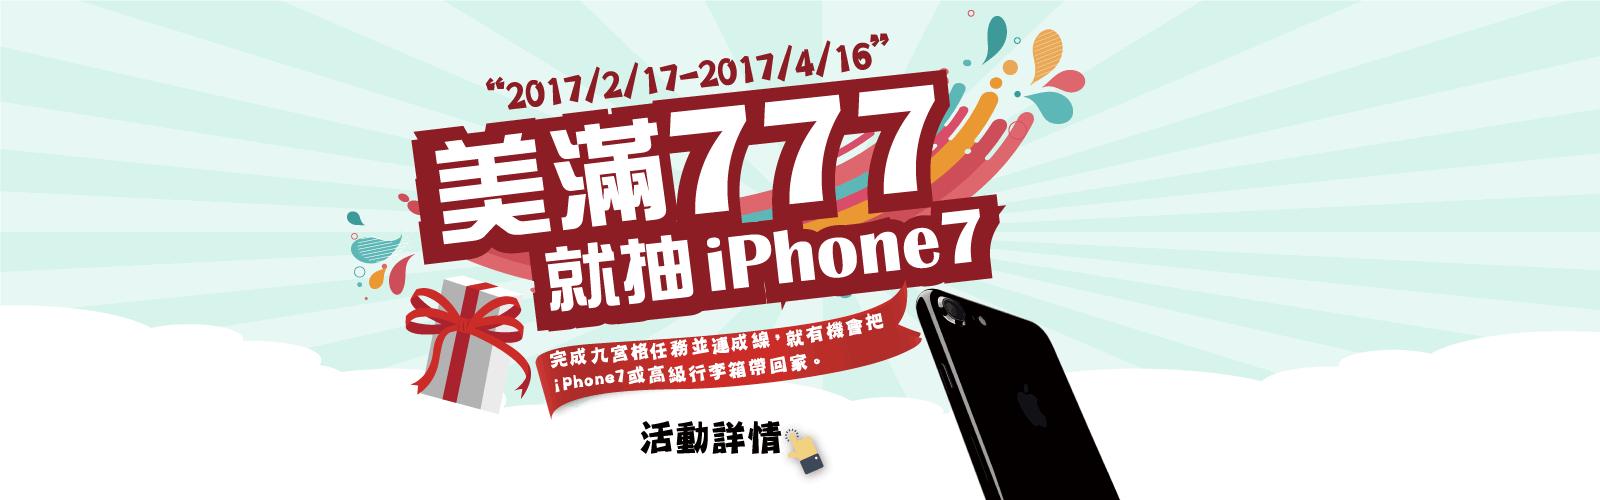 美滿777 就抽iPhone7